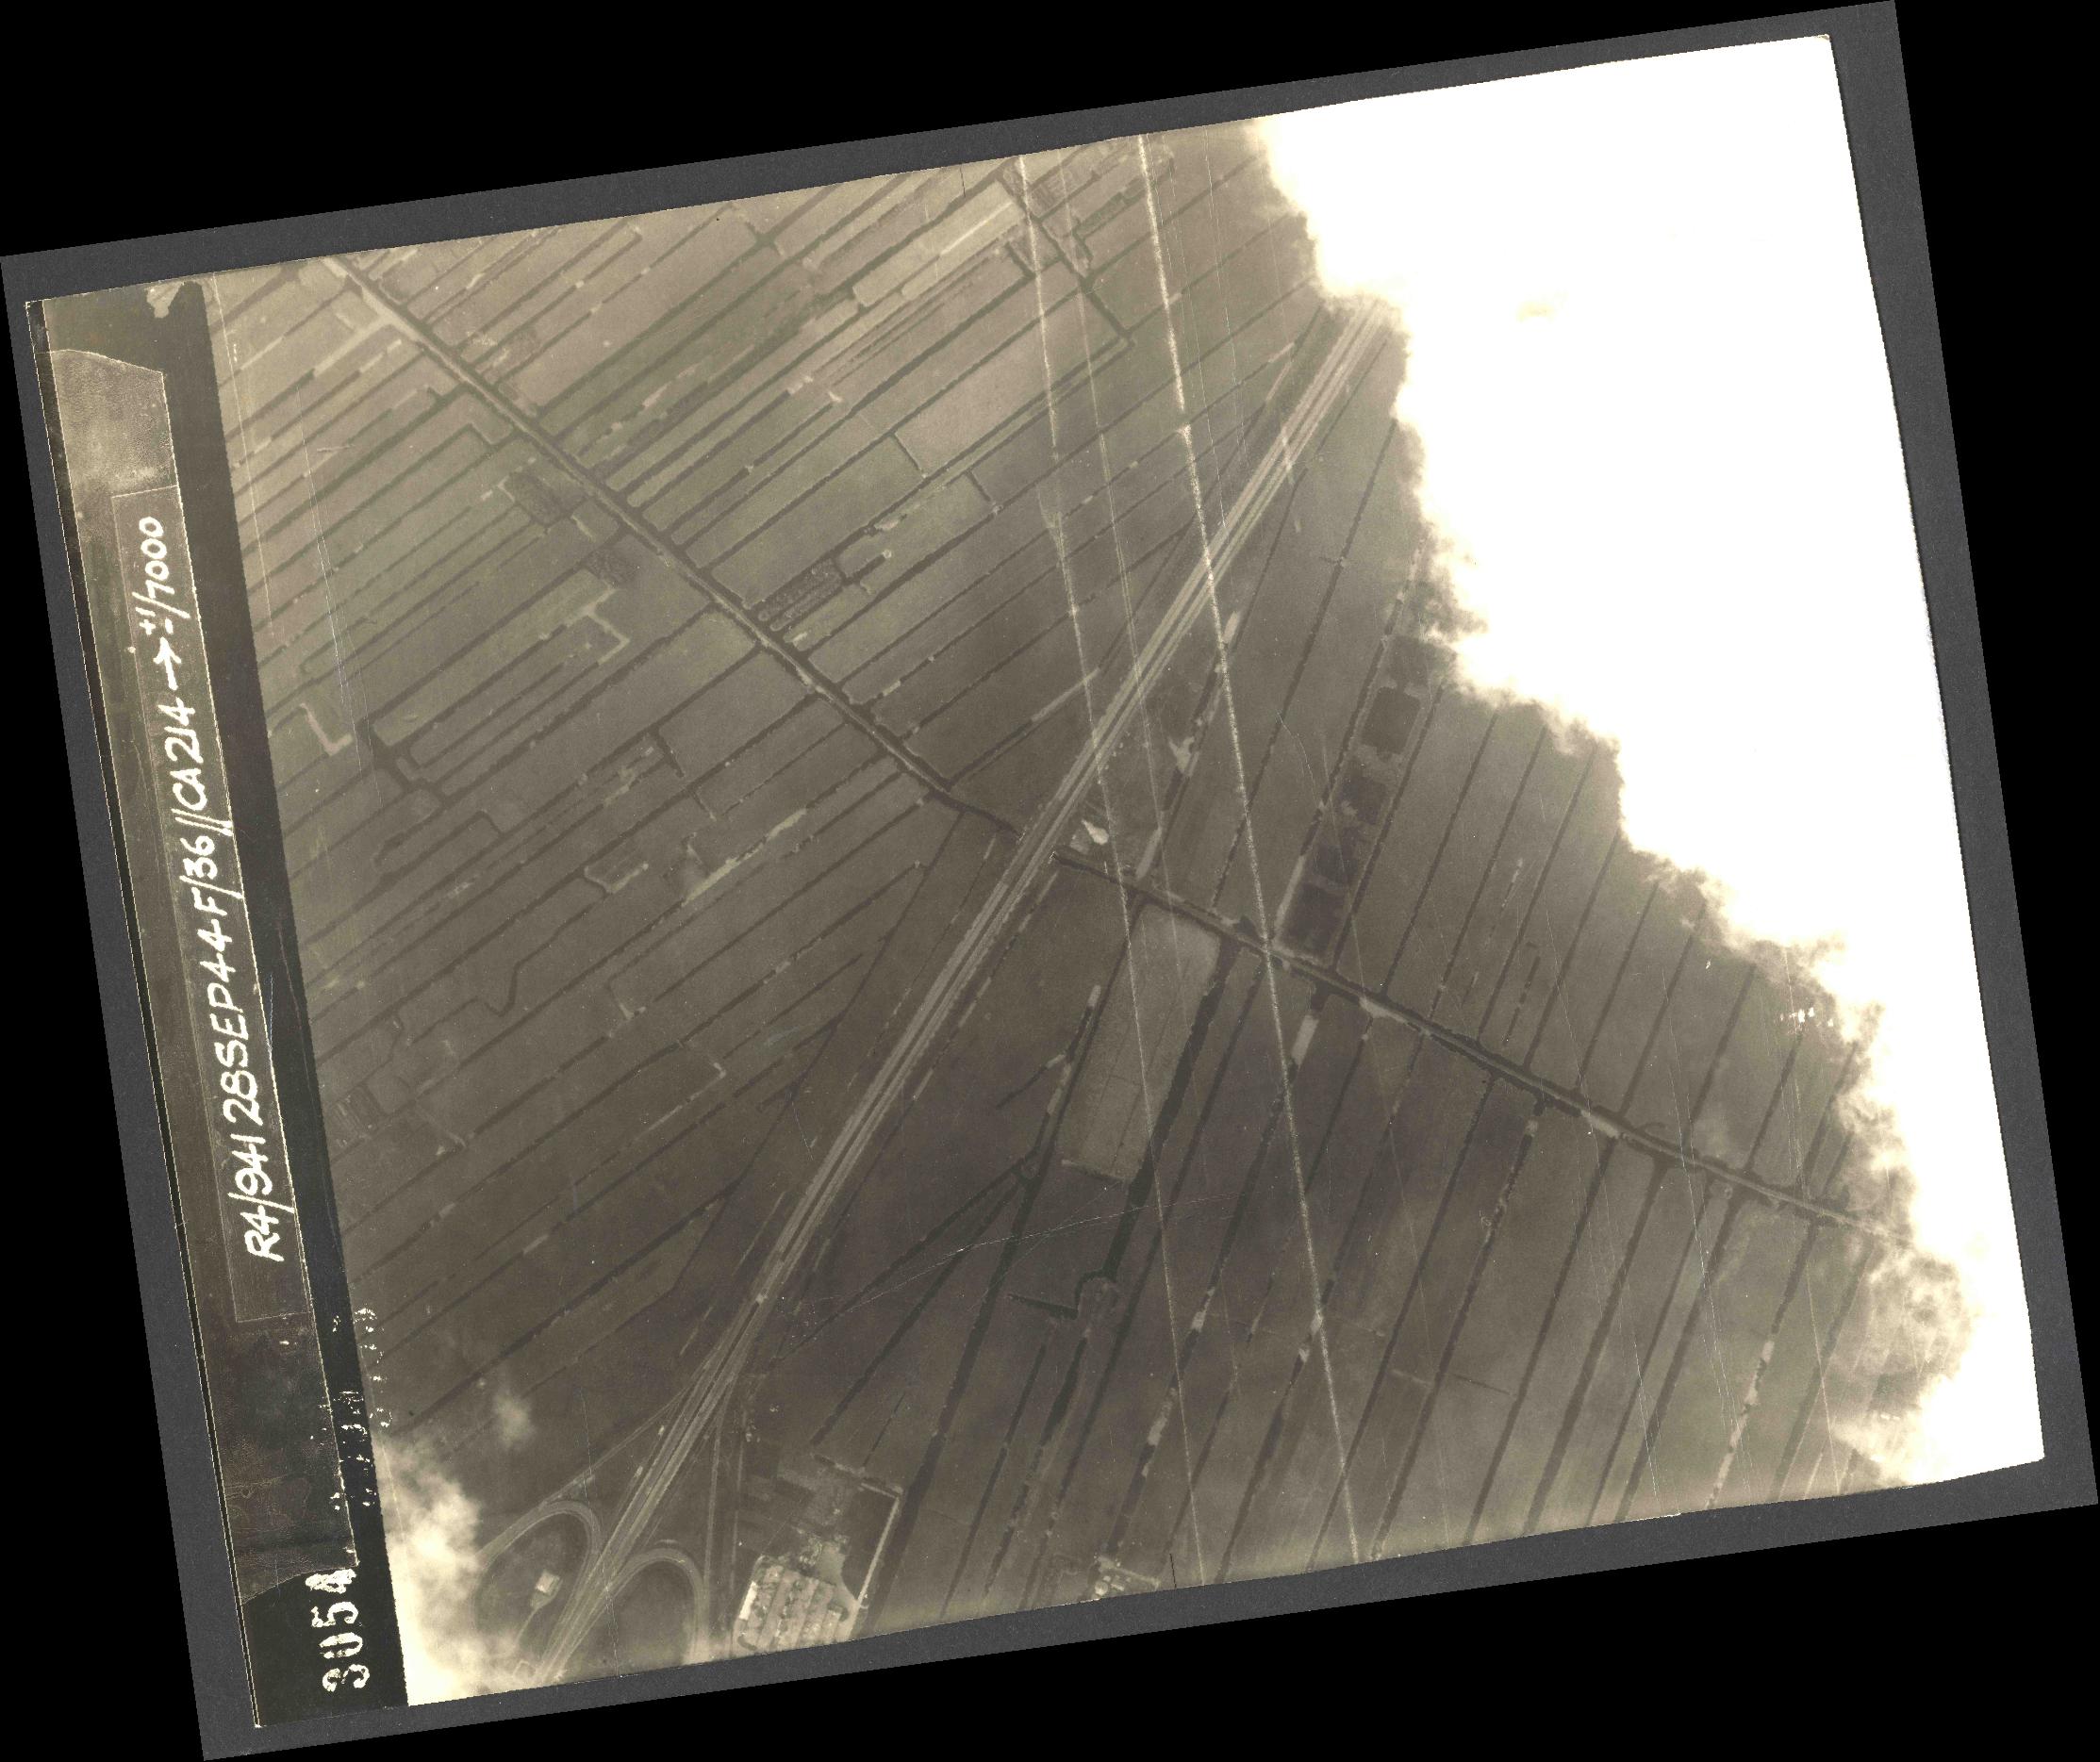 Collection RAF aerial photos 1940-1945 - flight 067, run 09, photo 4054